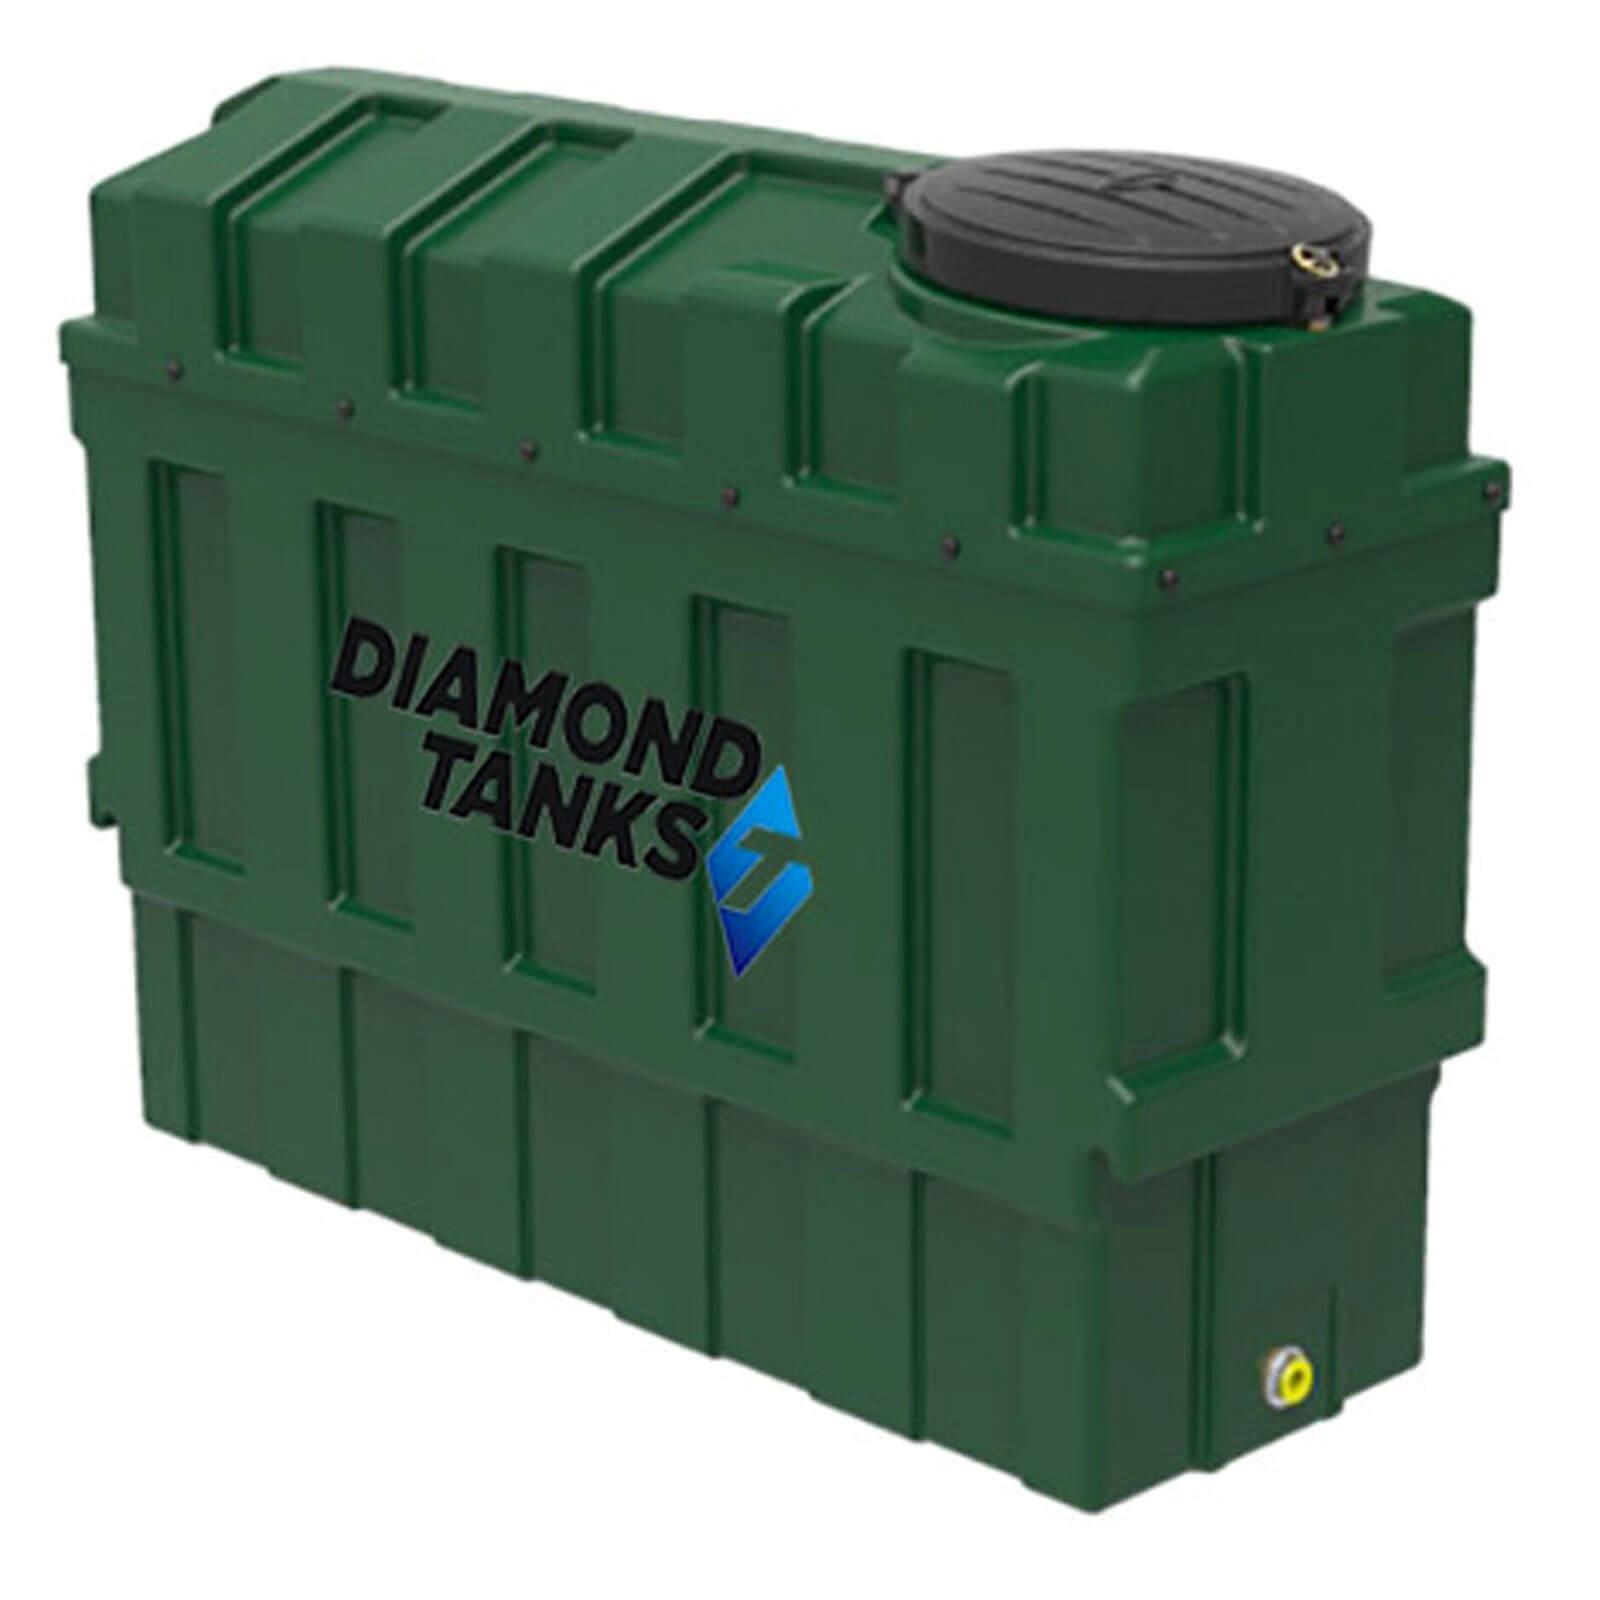 1000 litre super slimline green plastic bunded oil tank